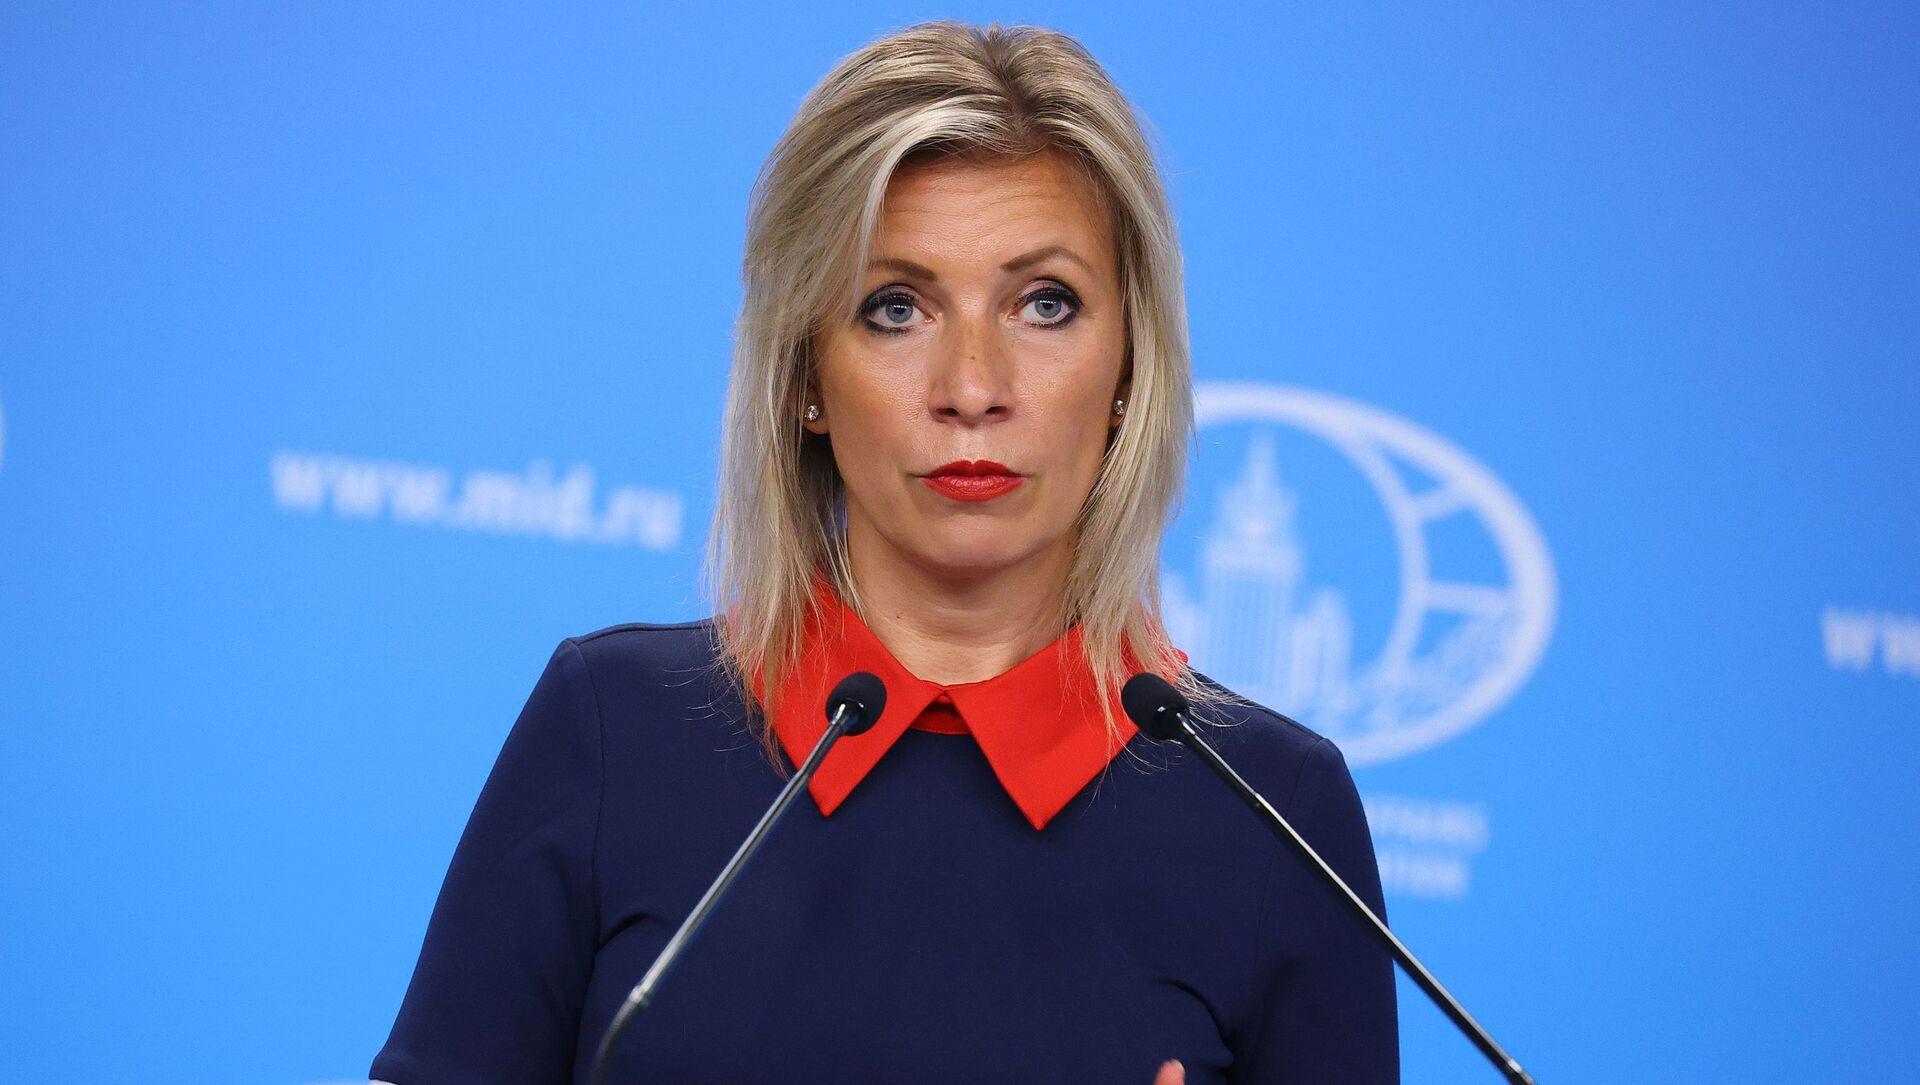 Официальный представитель Министерства иностранных дел России Мария Захарова - Sputnik Азербайджан, 1920, 19.08.2021